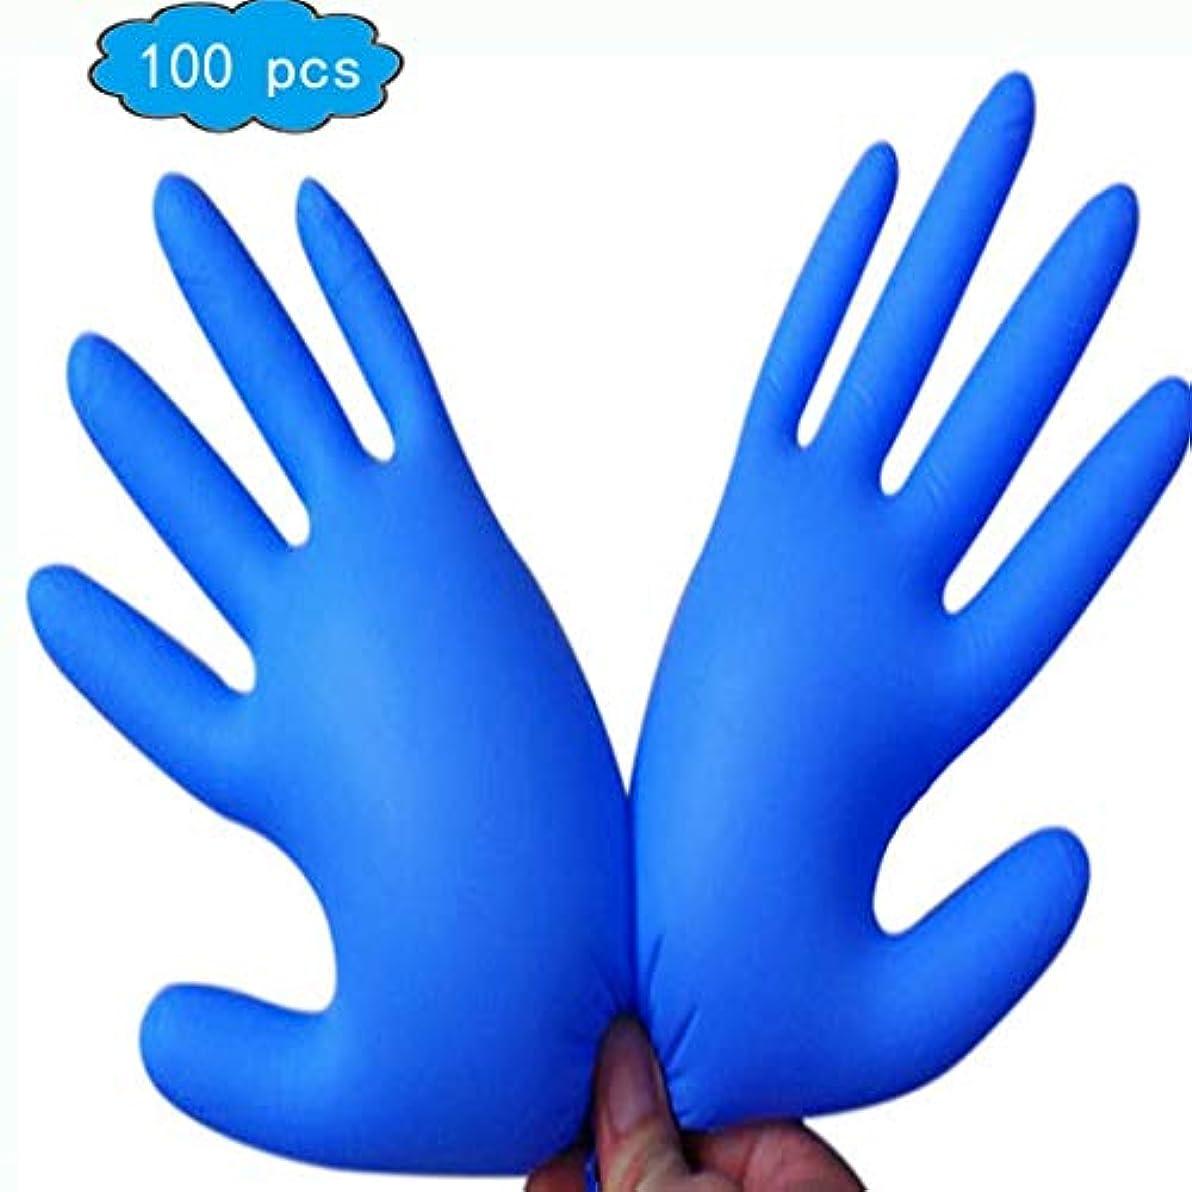 出身地上陸徒歩で使い捨てニトリル試験手袋、(青)、医療グレード、ラテックスフリー、パウダーフリー、食品安全(100)、家庭用品、手と腕の保護 (Color : Blue, Size : L)